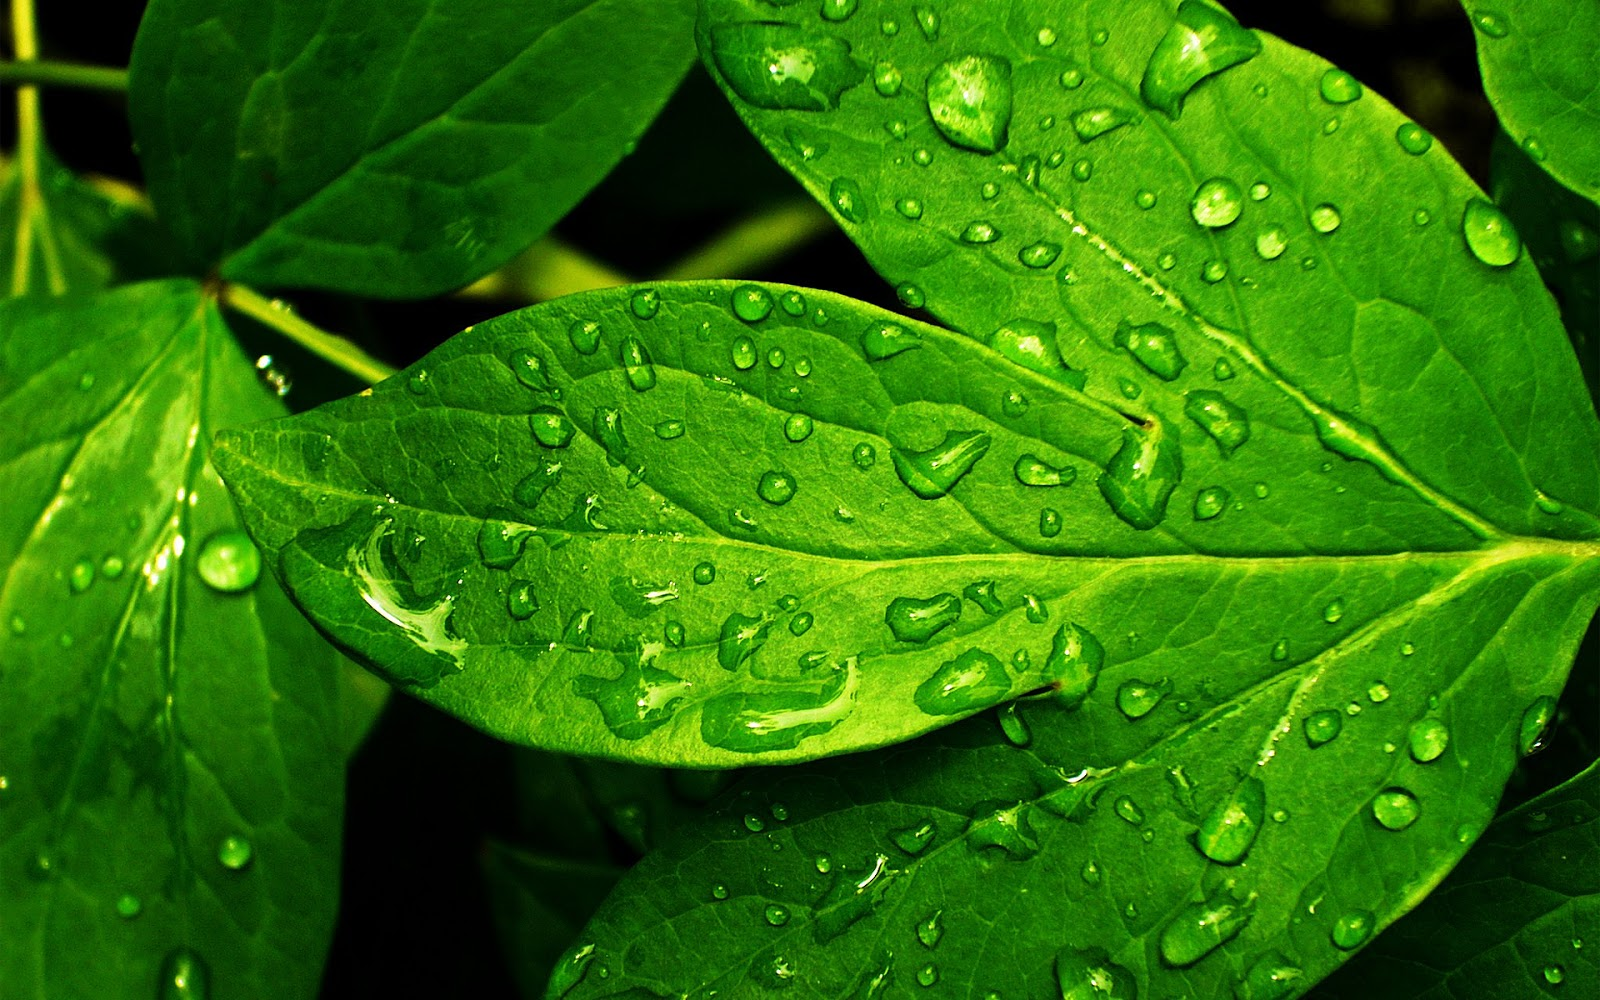 http://1.bp.blogspot.com/_Gq1jO6iuU2U/TSfNNPJ5rTI/AAAAAAAAHUk/Rz_u_bzZdEY/s1600/1920x1200+leafs+drops+water+hd+wallpaper.jpg